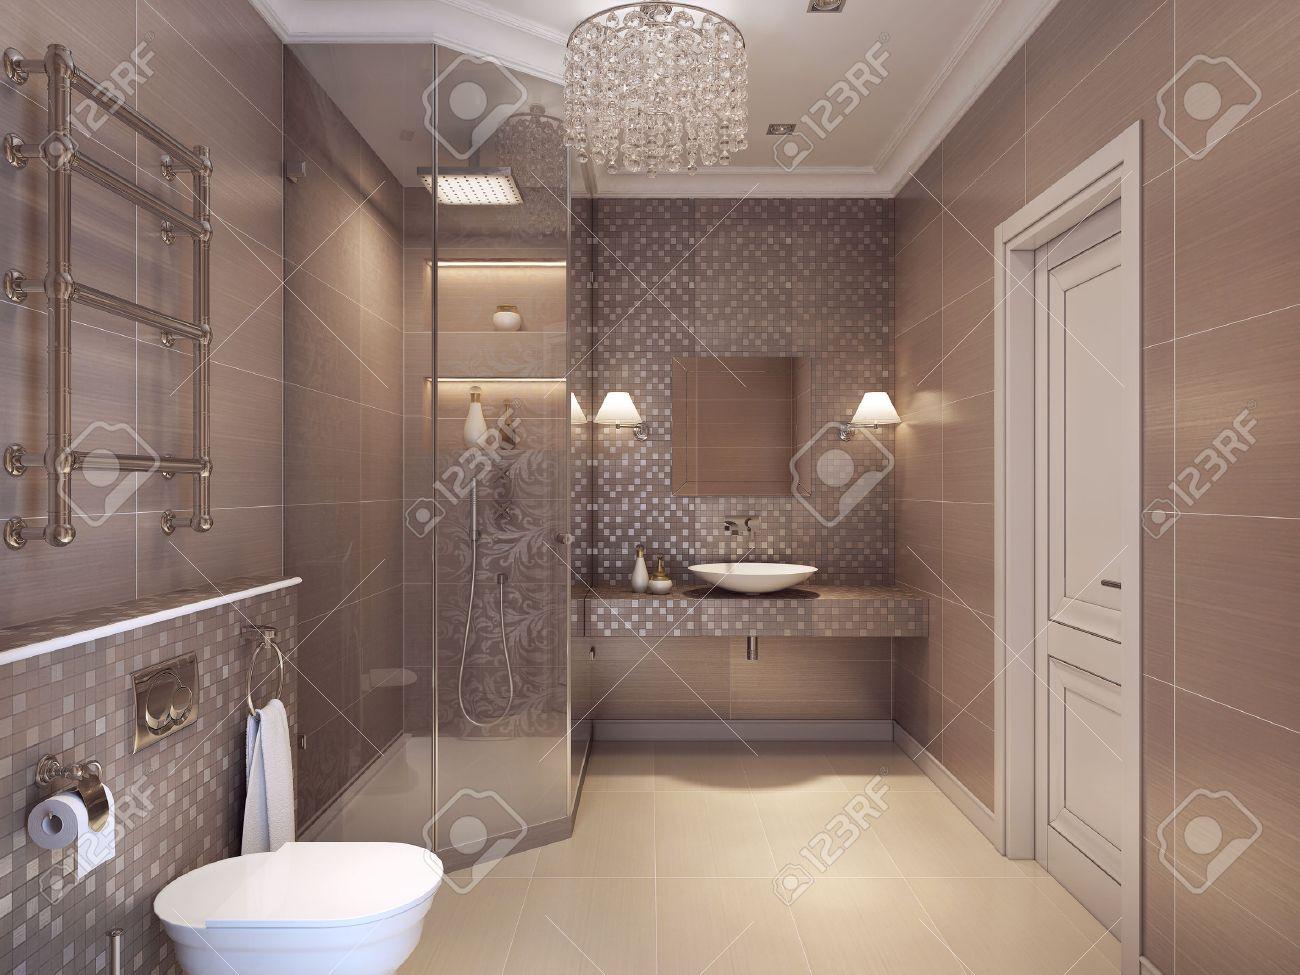 Foto bagni moderni con mosaico. design bagno moderno con la parete